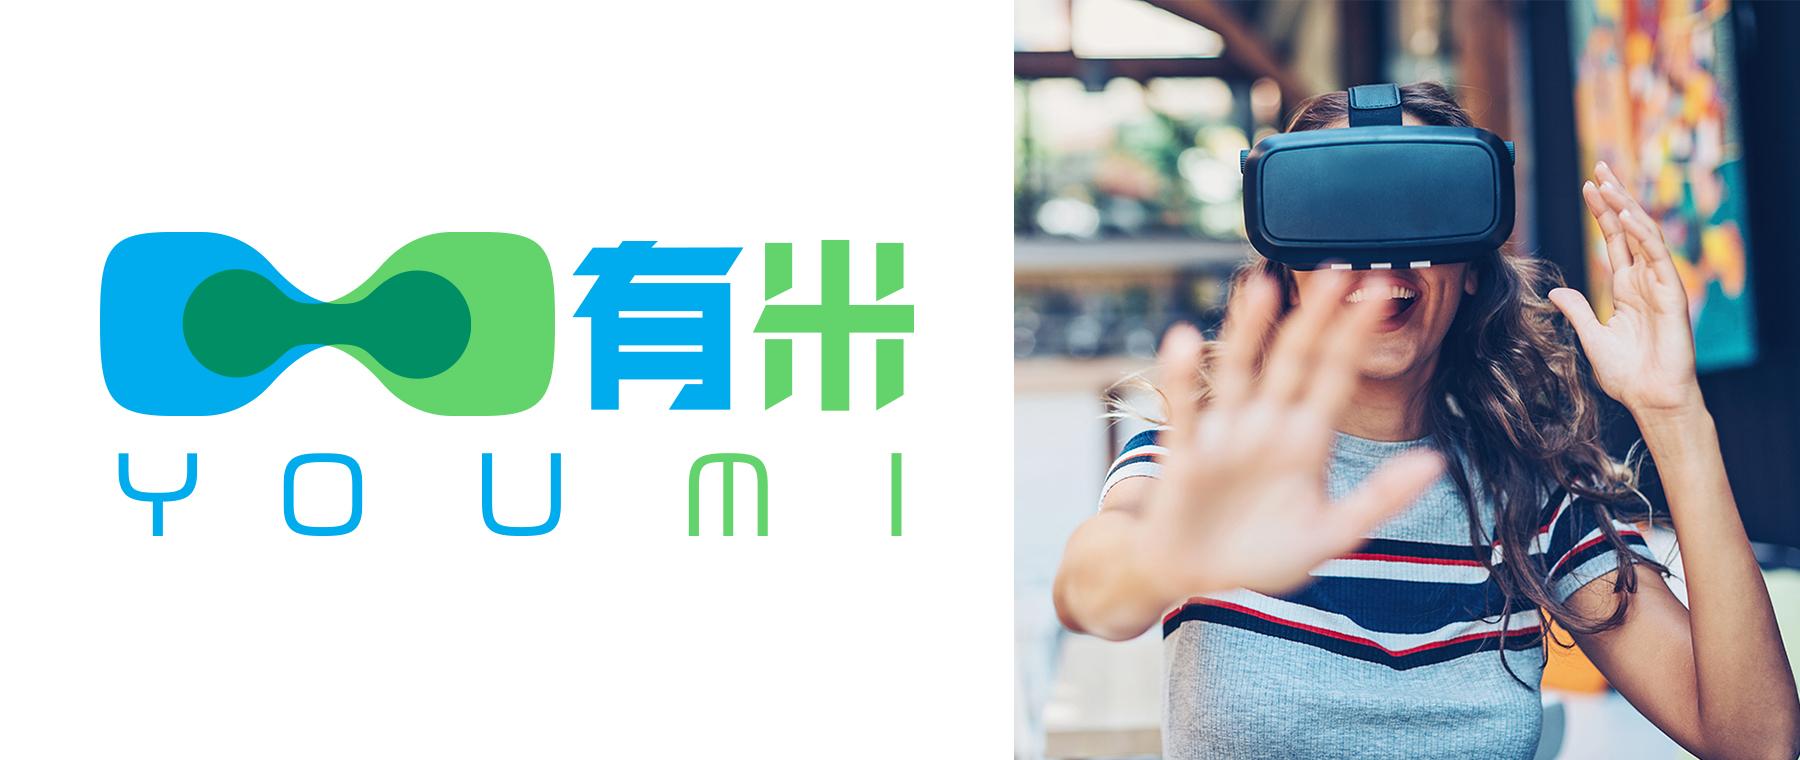 Youmi-1